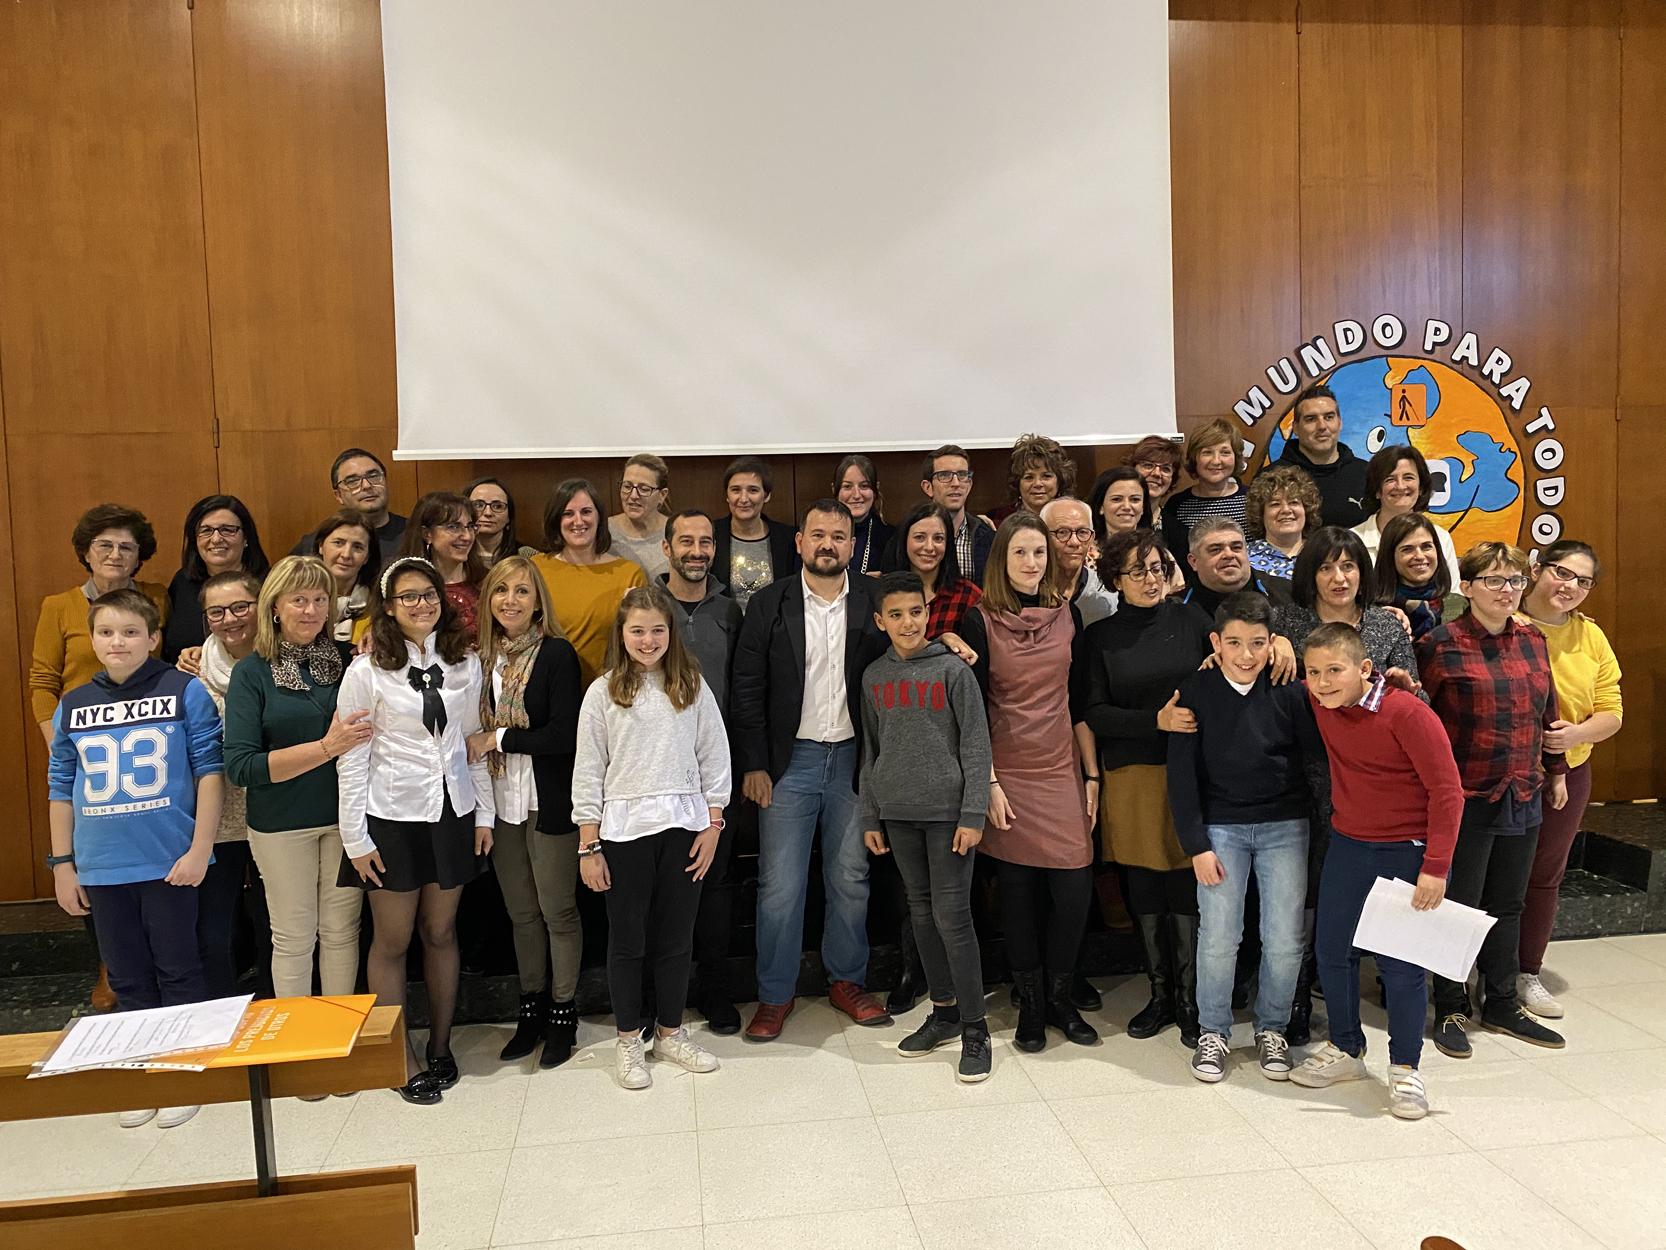 Juan Ramón Amores Anuncia 10.000 Euros Para El Observatorio De La Discapacidad